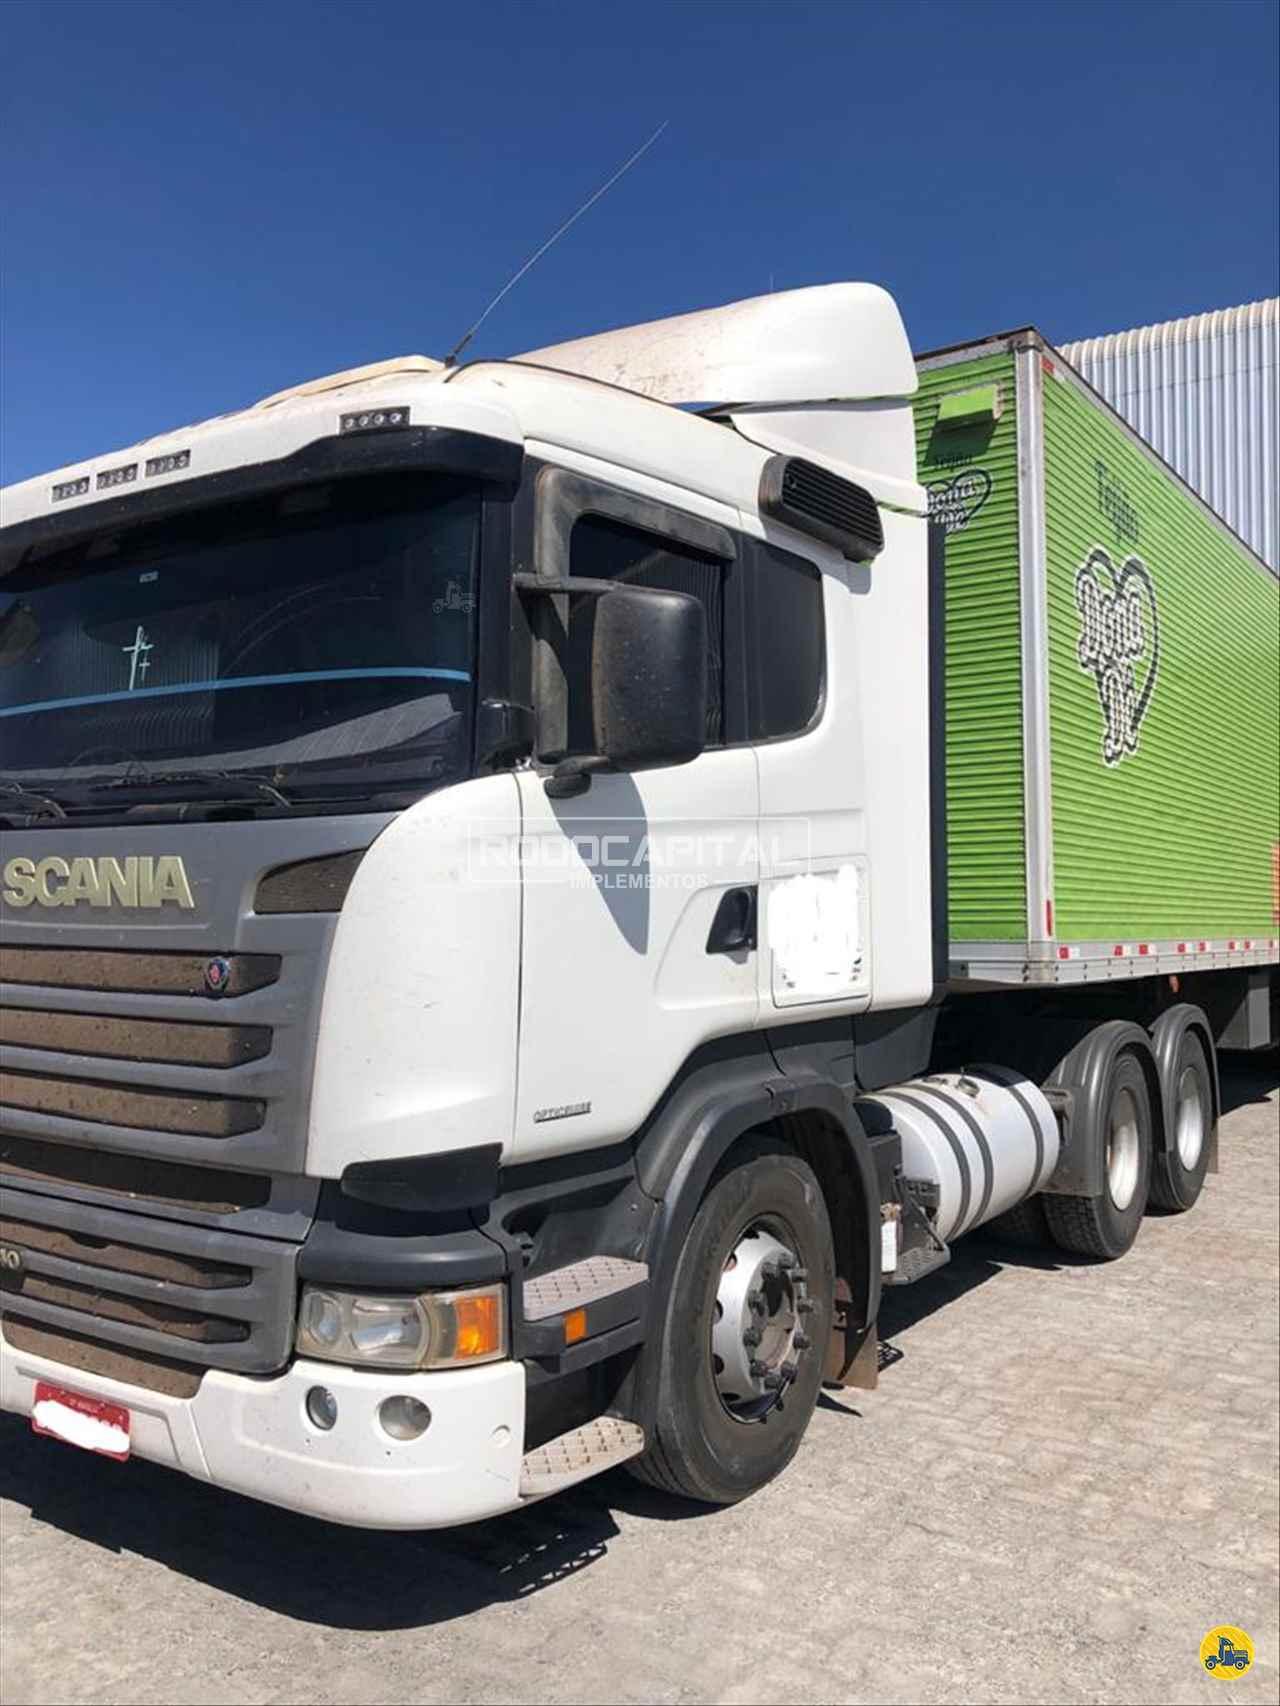 CAMINHAO SCANIA SCANIA 440 Cavalo Mecânico Truck 6x2 RODOCAPITAL - TRUCKVAN BRASILIA DISTRITO FEDERAL DF